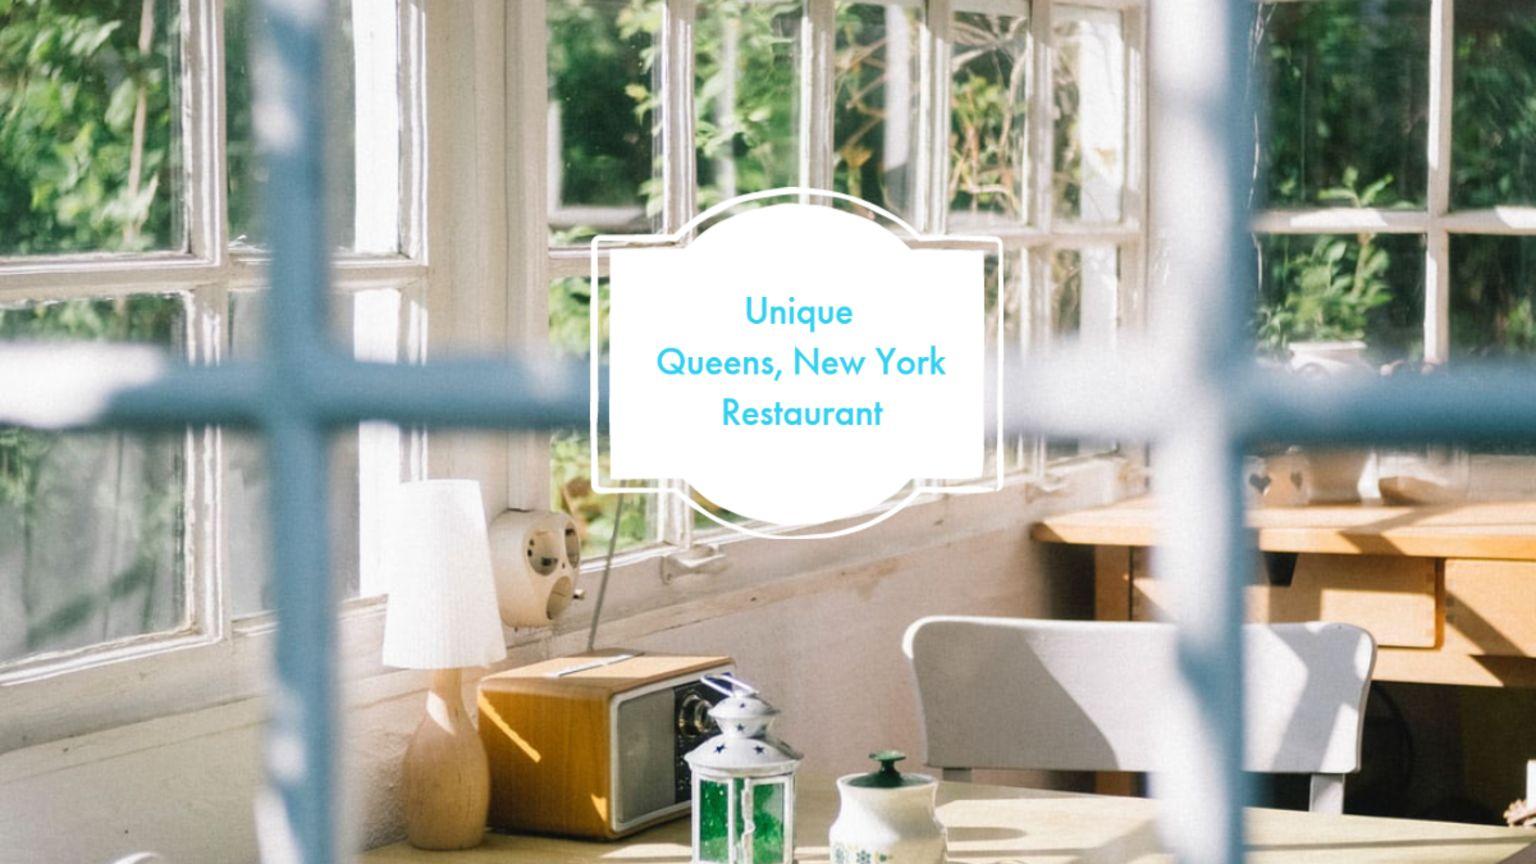 Unique Queens, New York Restaurant